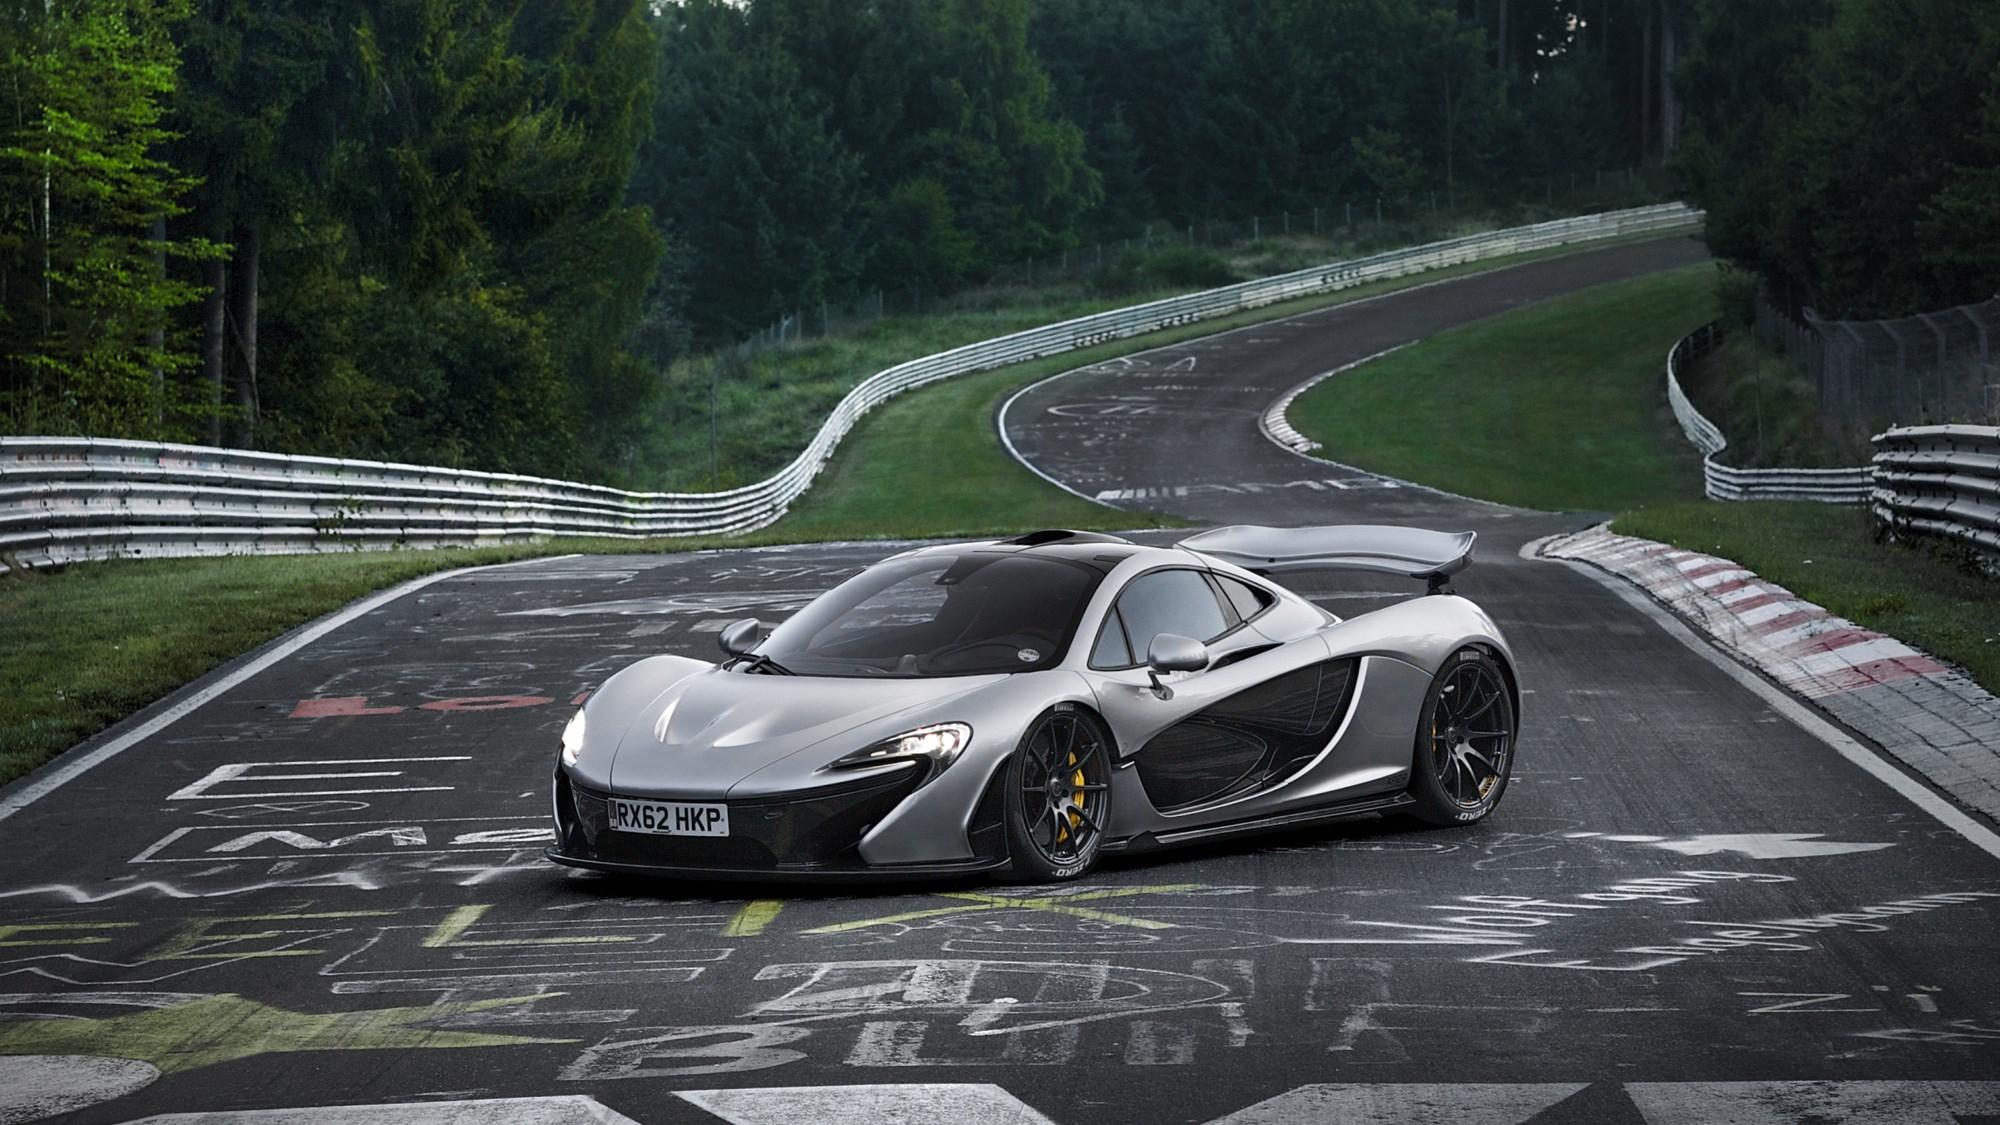 McLaren P1 at the Nurburgring